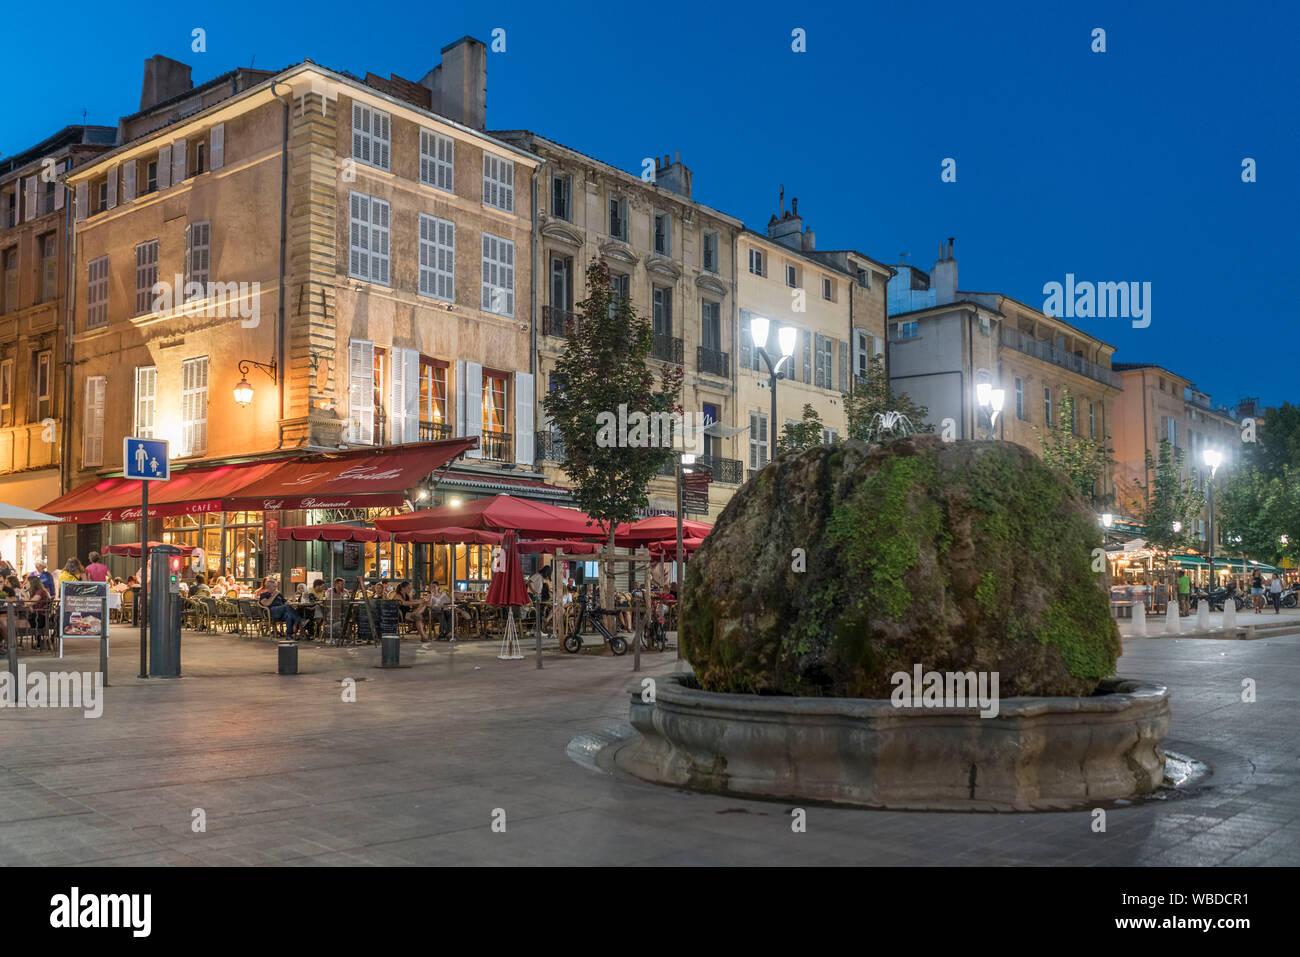 Fontaine à Cours Mirabeau, Aix-en-Provence, Bouches-du-Rhône, Provence-Alpes-Côte d'Azur, France Banque D'Images